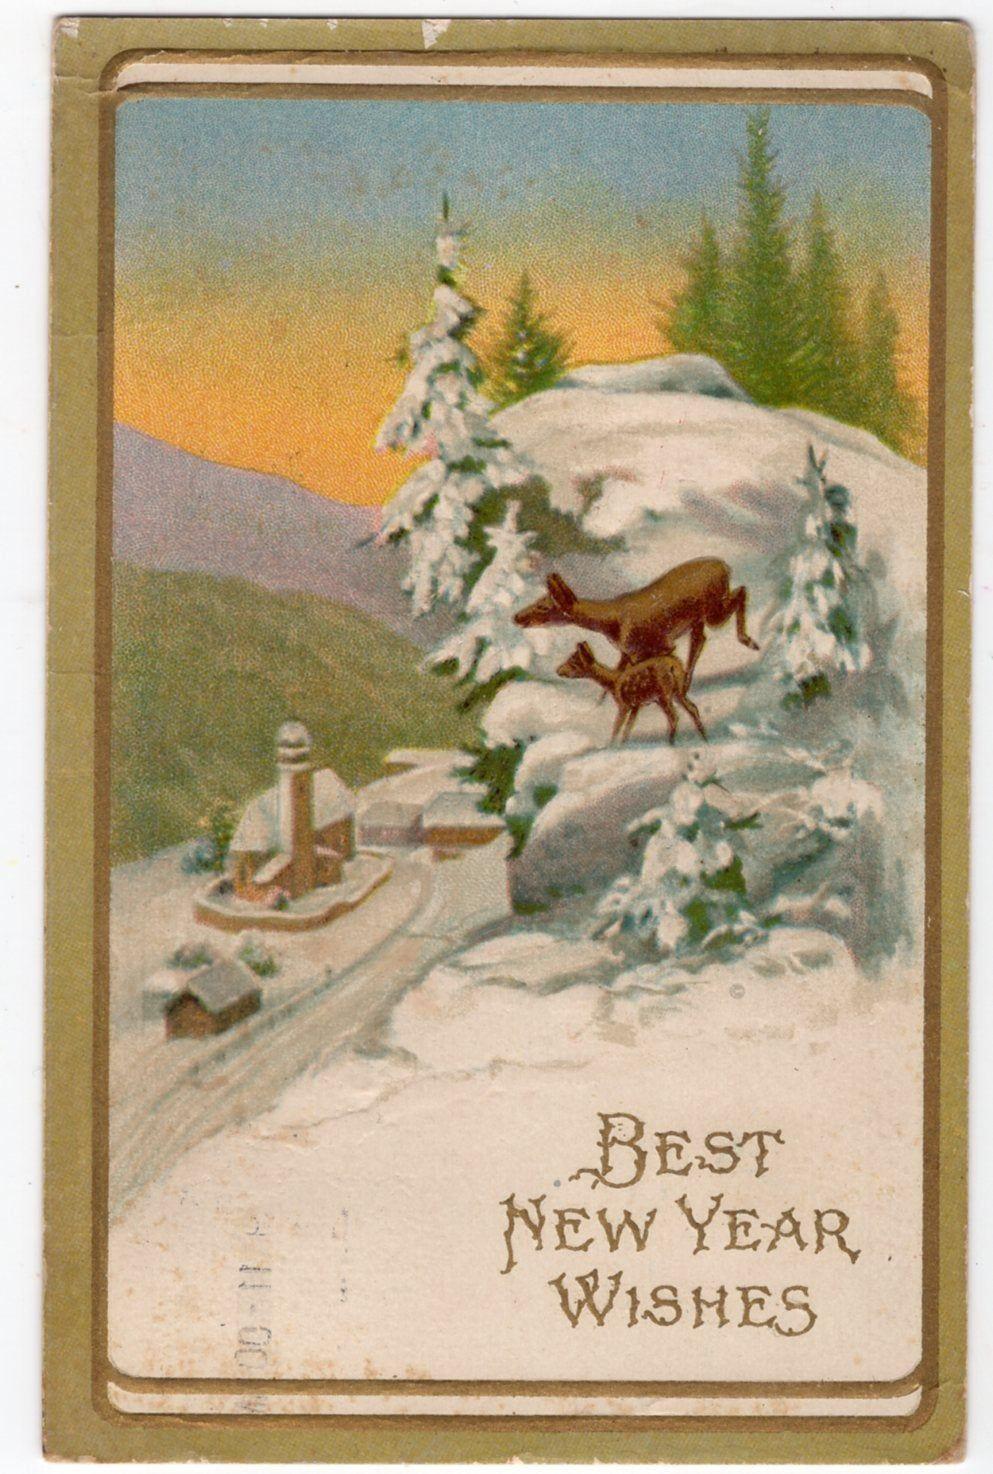 Best New Year Wishes Vintage postcard, Deer in snowy woods